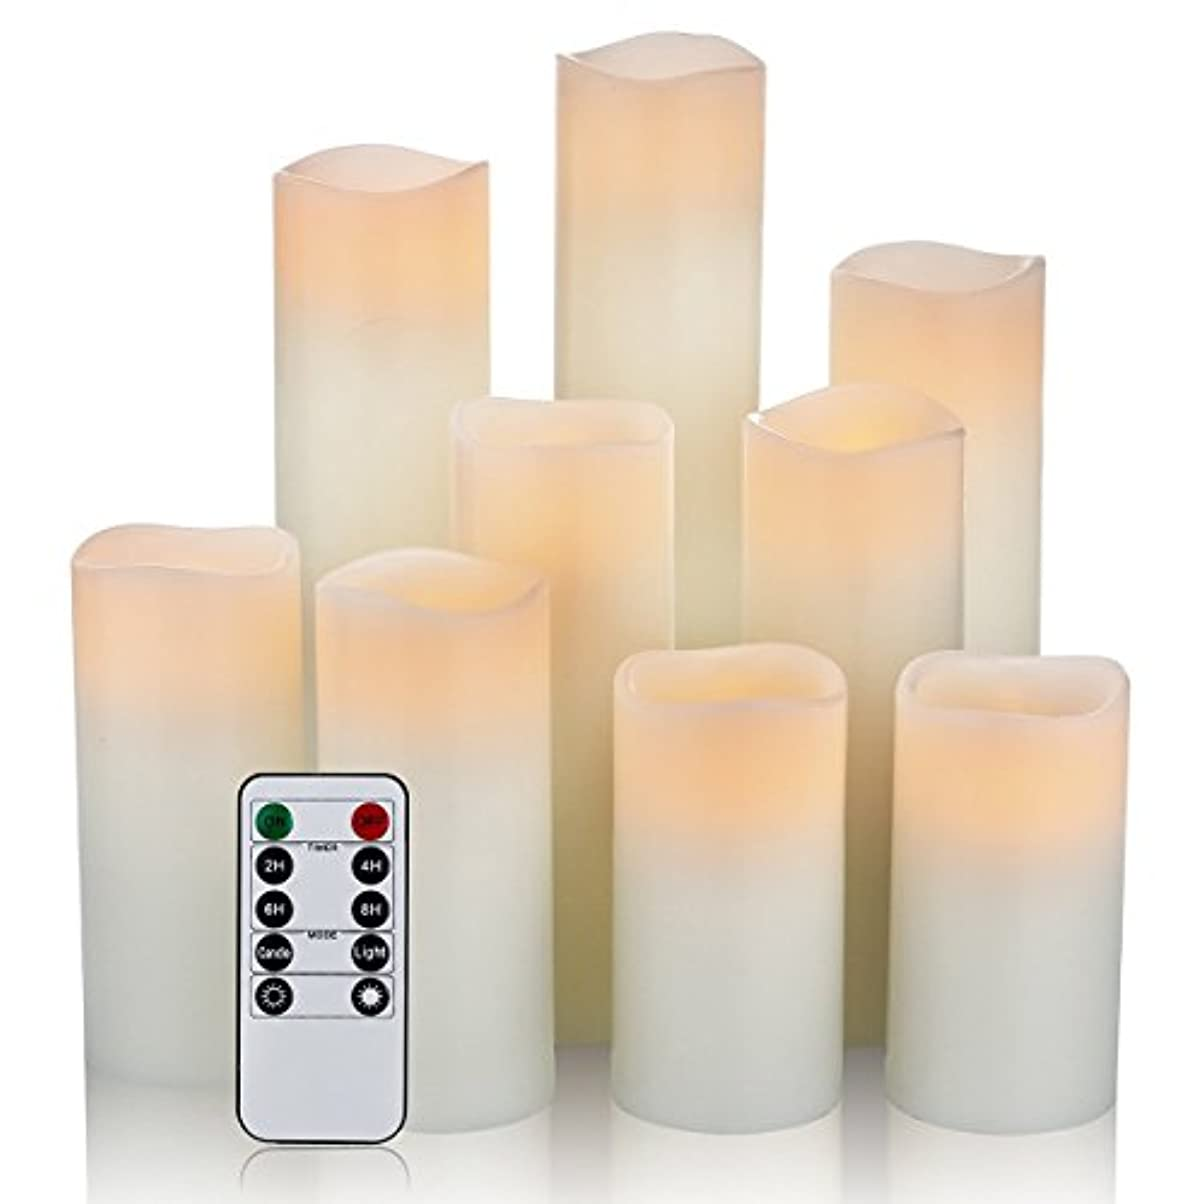 気質興奮する裕福な(9pc - 2.2 Diameter) - One World Magic Candle Set - Flameless, Battery Operated Real Wax Ivory Pillar Vanilla...